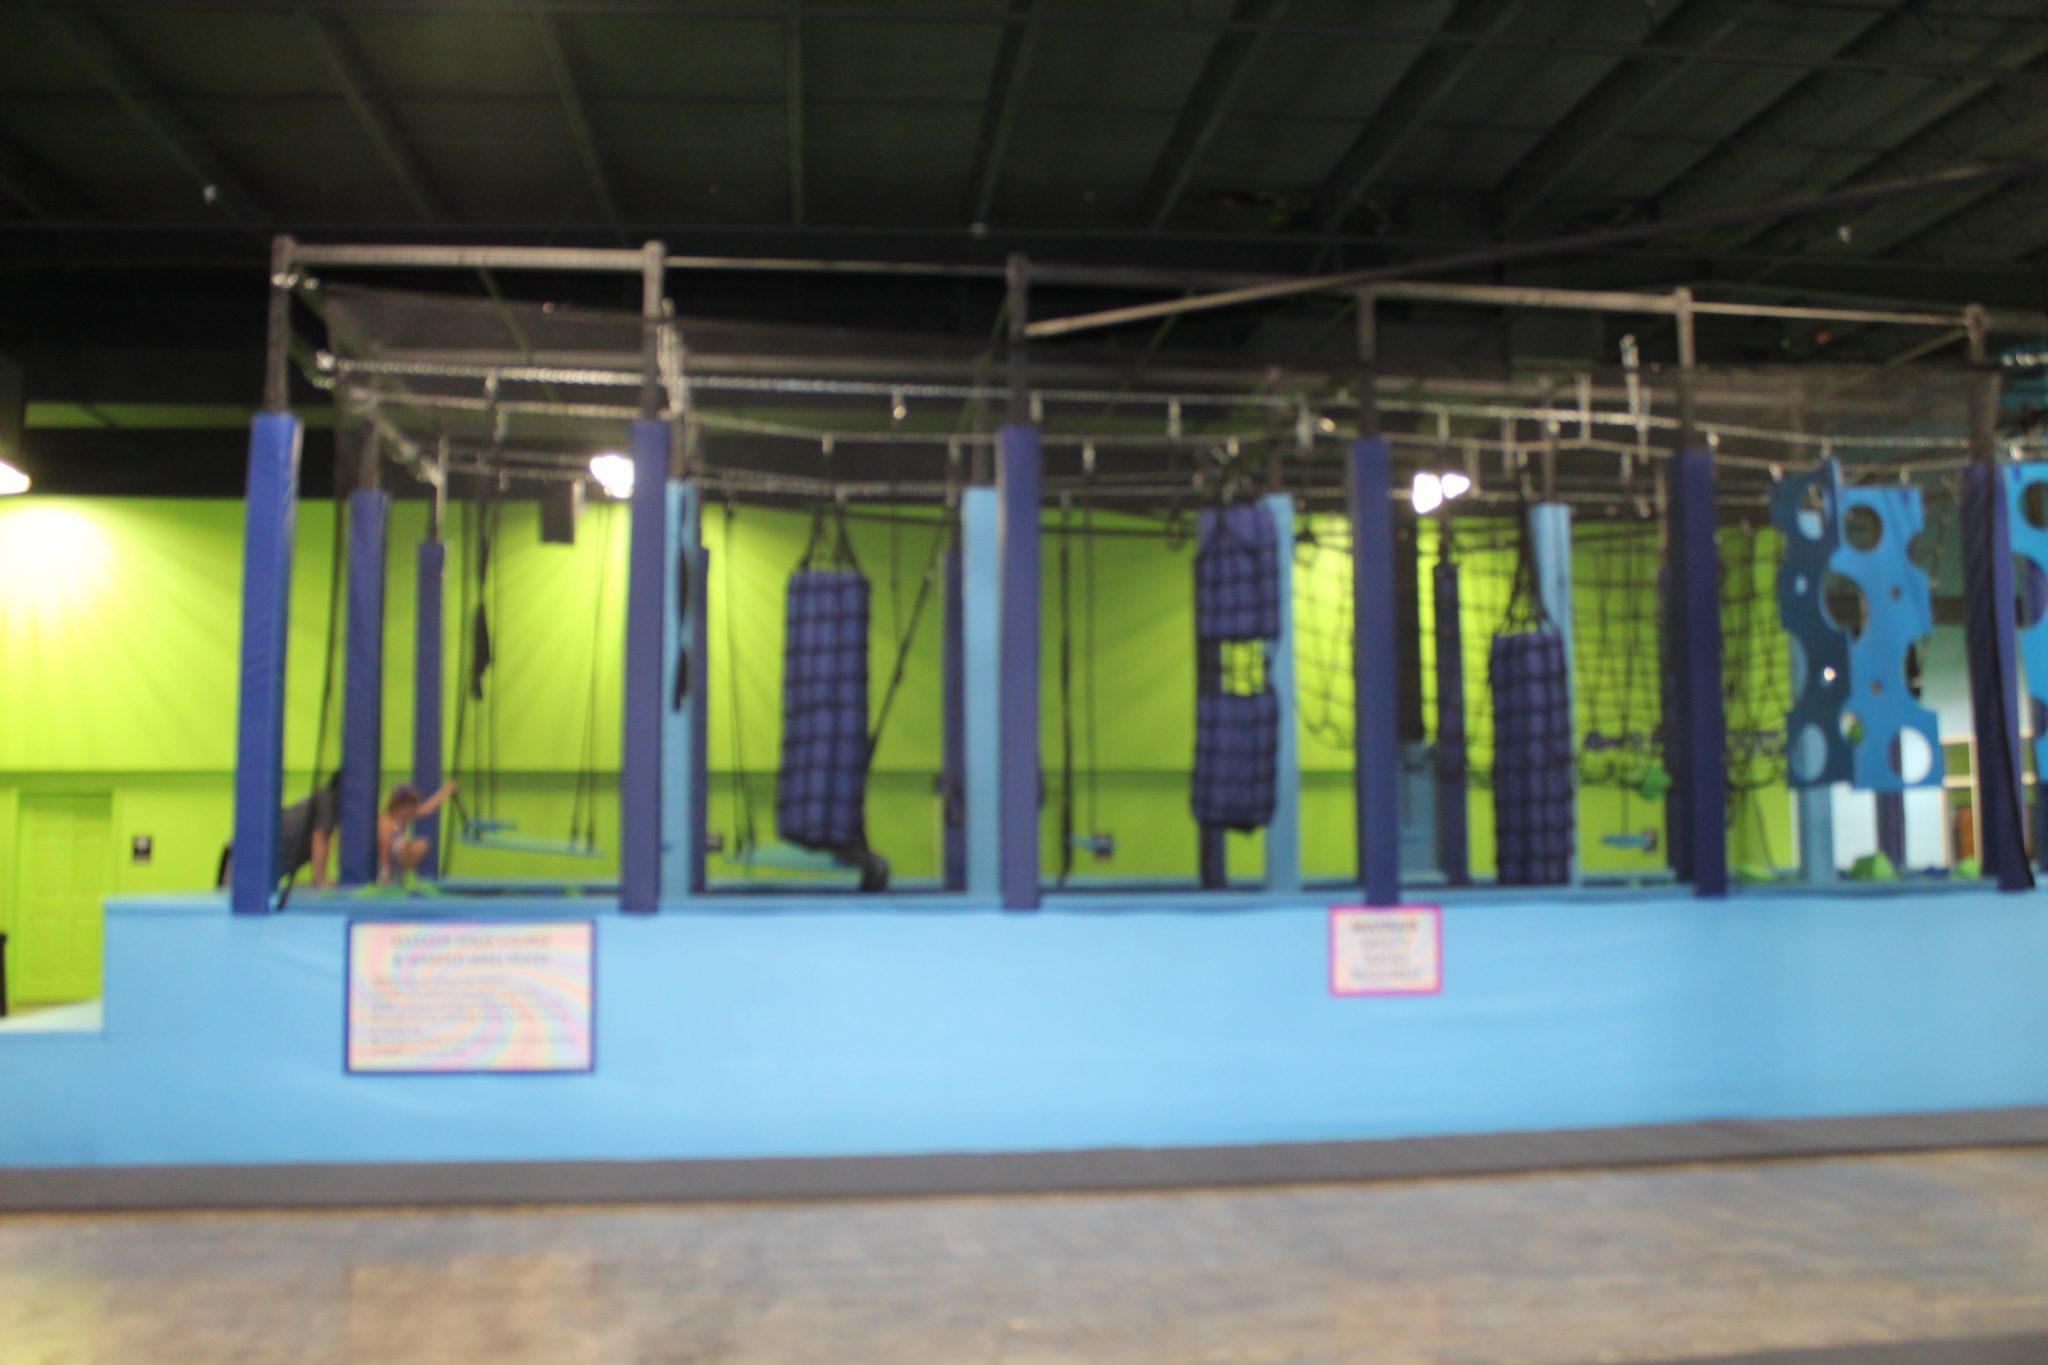 Maxx Air Trampoline Park - Coming Soon